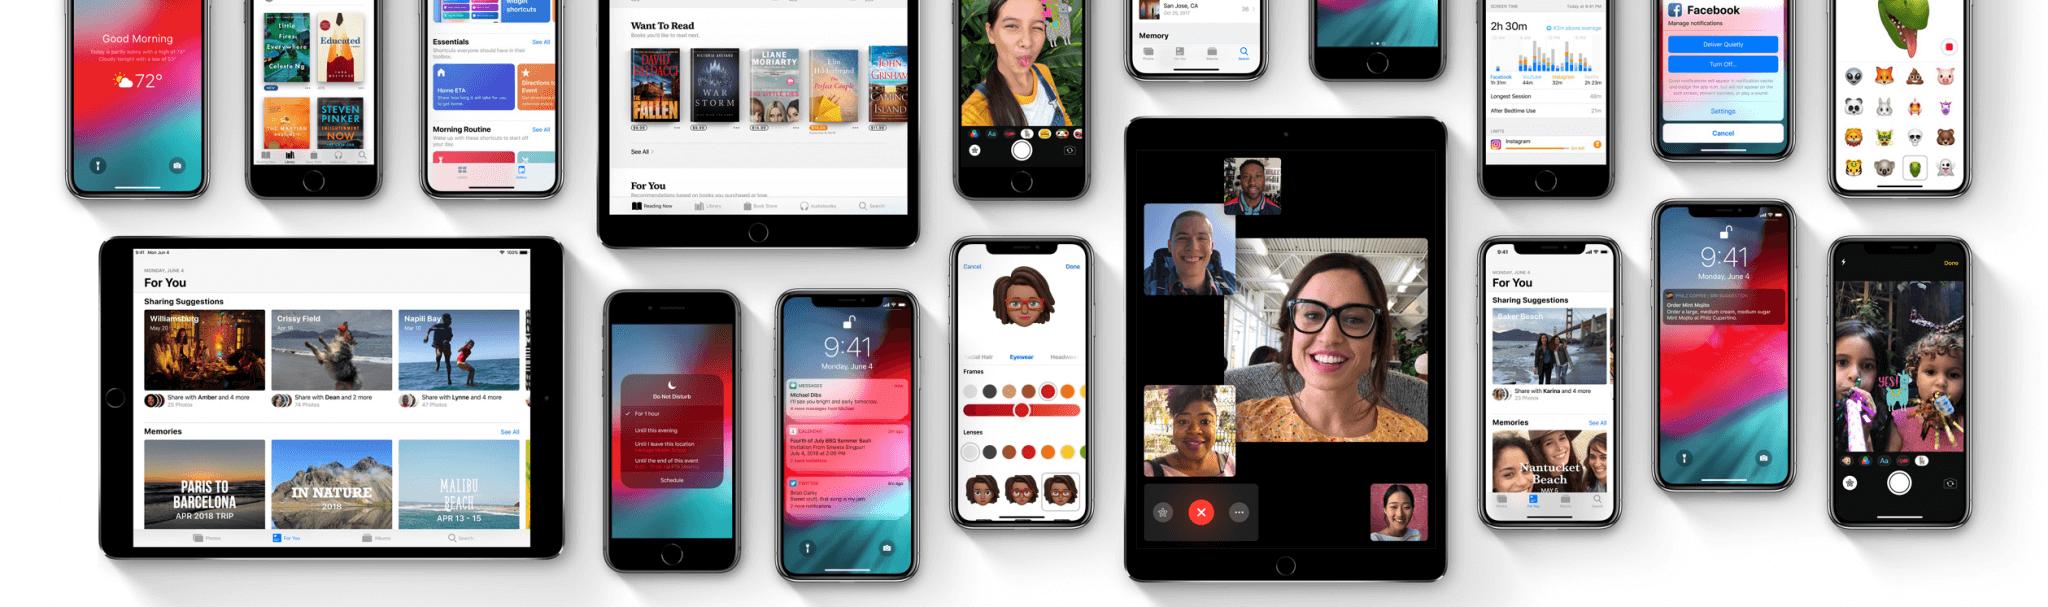 ios 12 capa - WWDC18: iOS 12 chega com Realidade Aumentada compartilhada e Notificações em Grupo